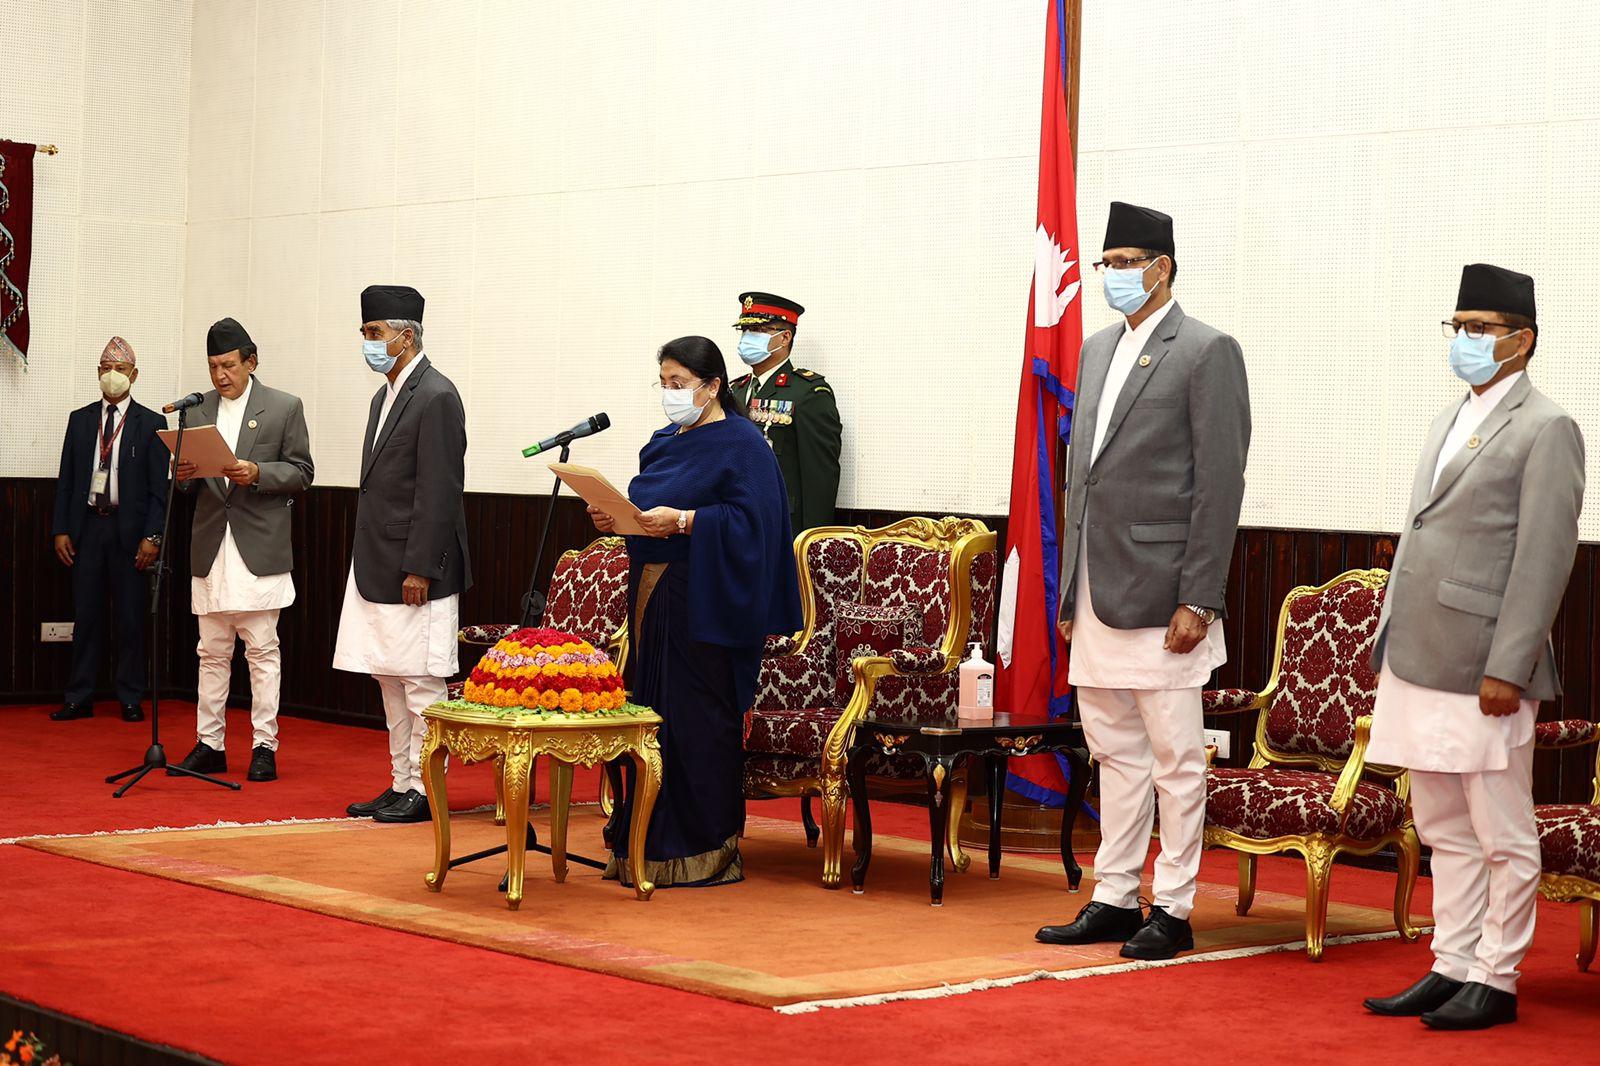 परराष्ट्र मन्त्रीको सपथ बदर गर्न माग गर्दै सर्वोच्च अदालतमा रिट दायर